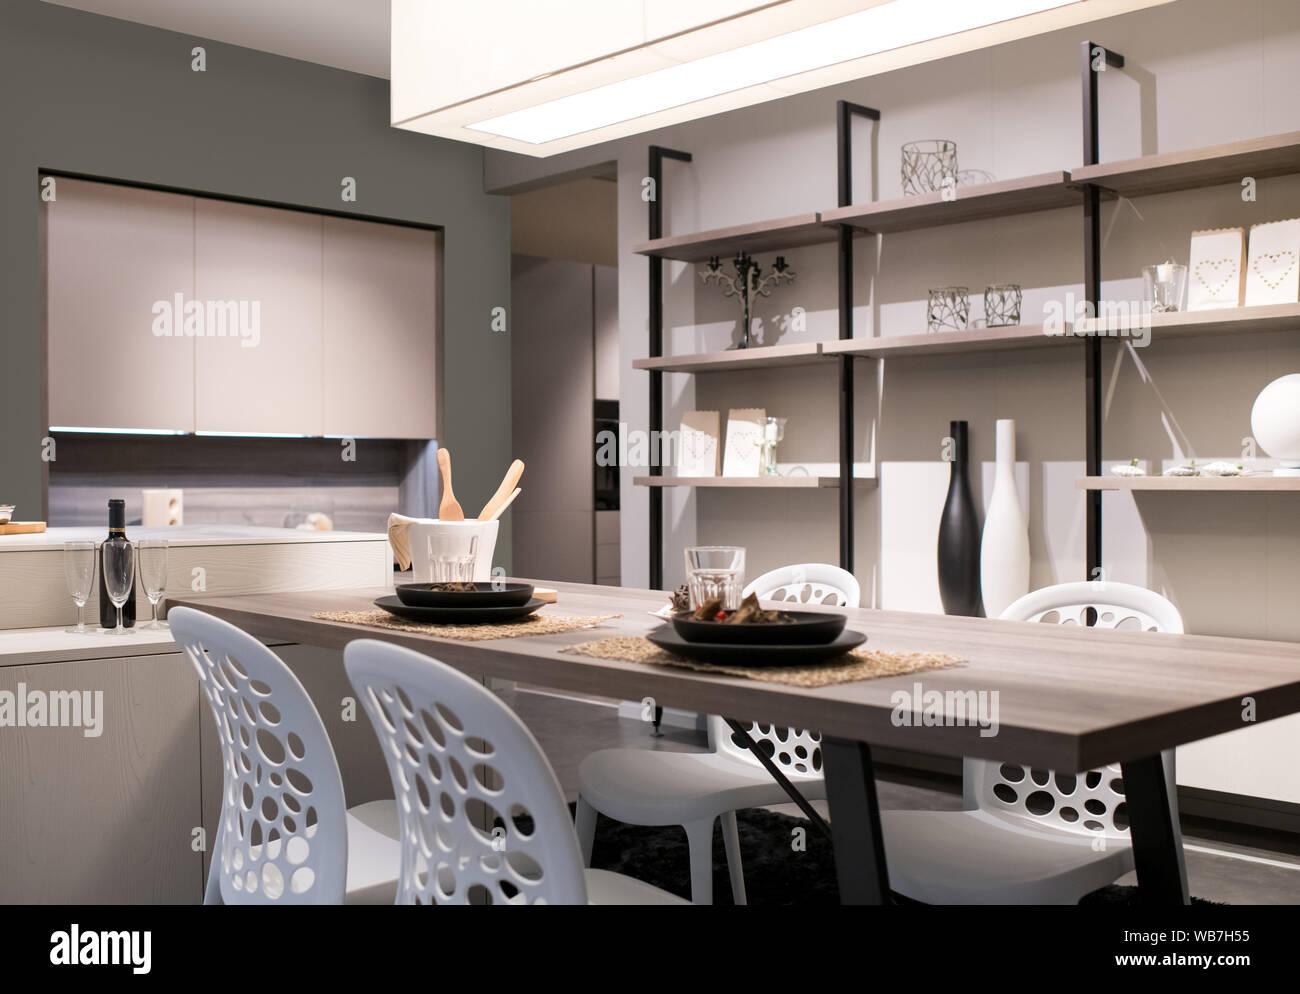 Cuisine ouverte et salle à manger avec un décor beige neutre, unité murale étagères et une table et chaises moderne éclairé par une grande lumière au plafond Banque D'Images